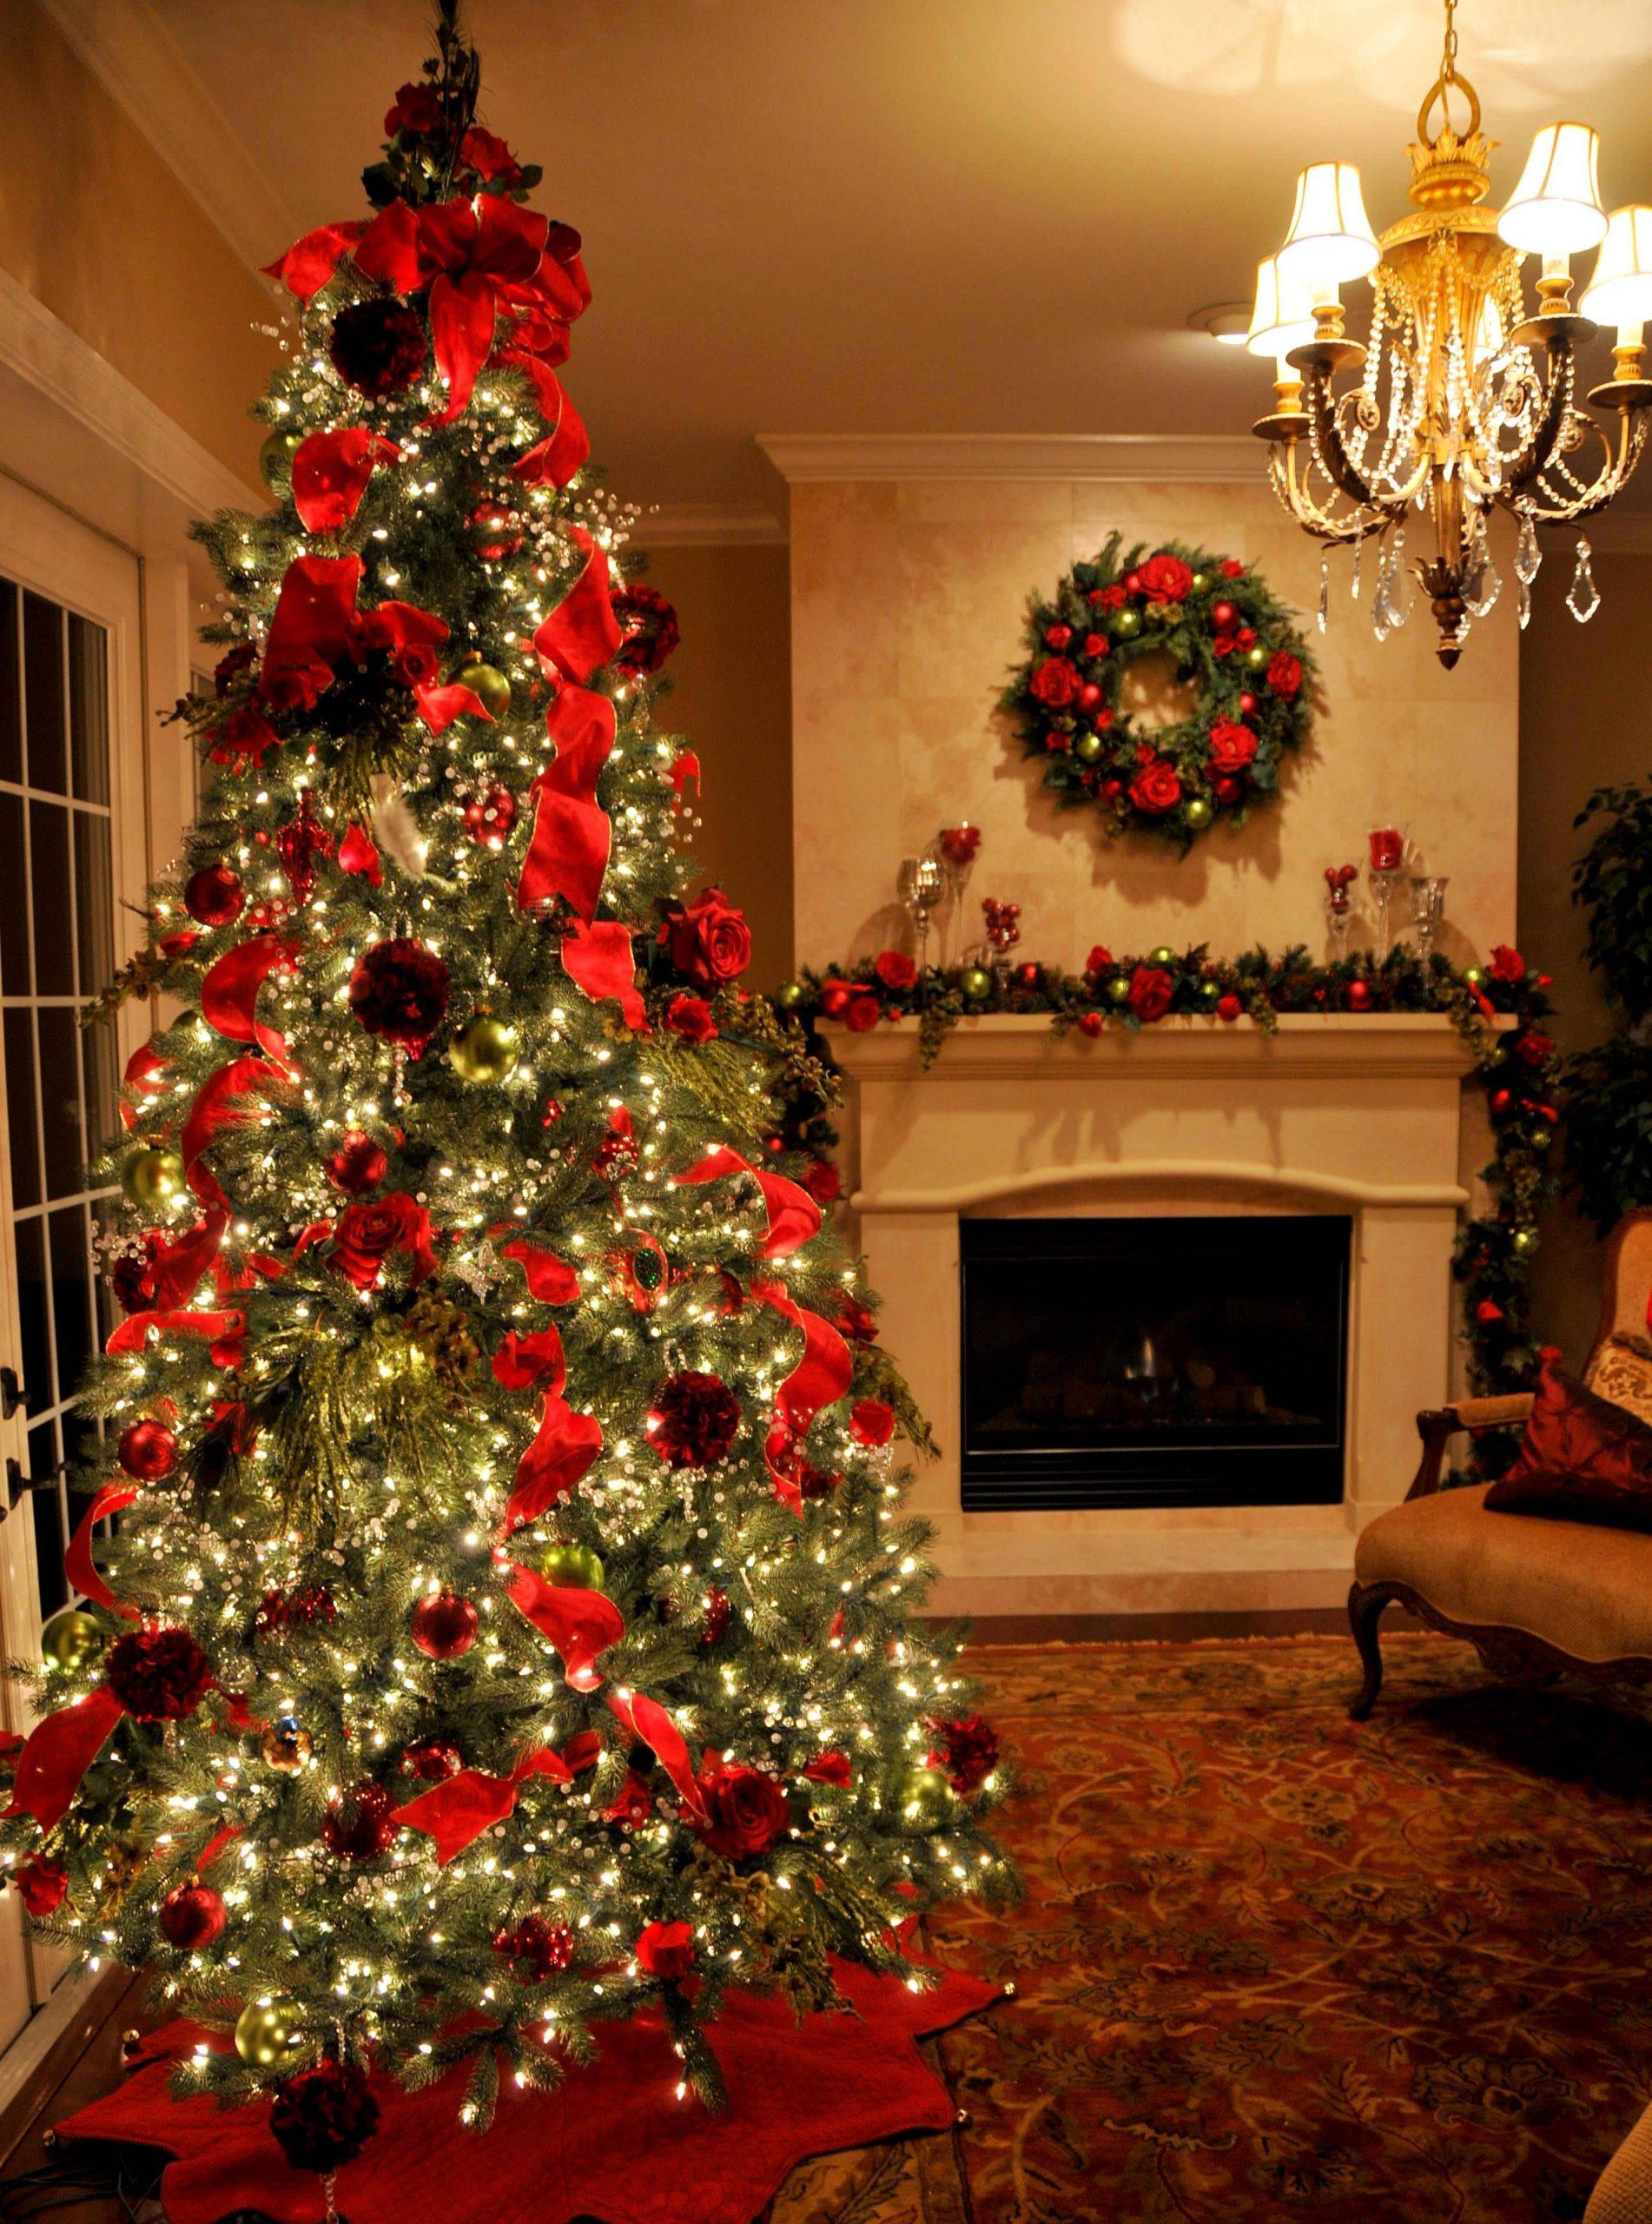 Foto Pohon Natal Dengan Dekorasi Menarik